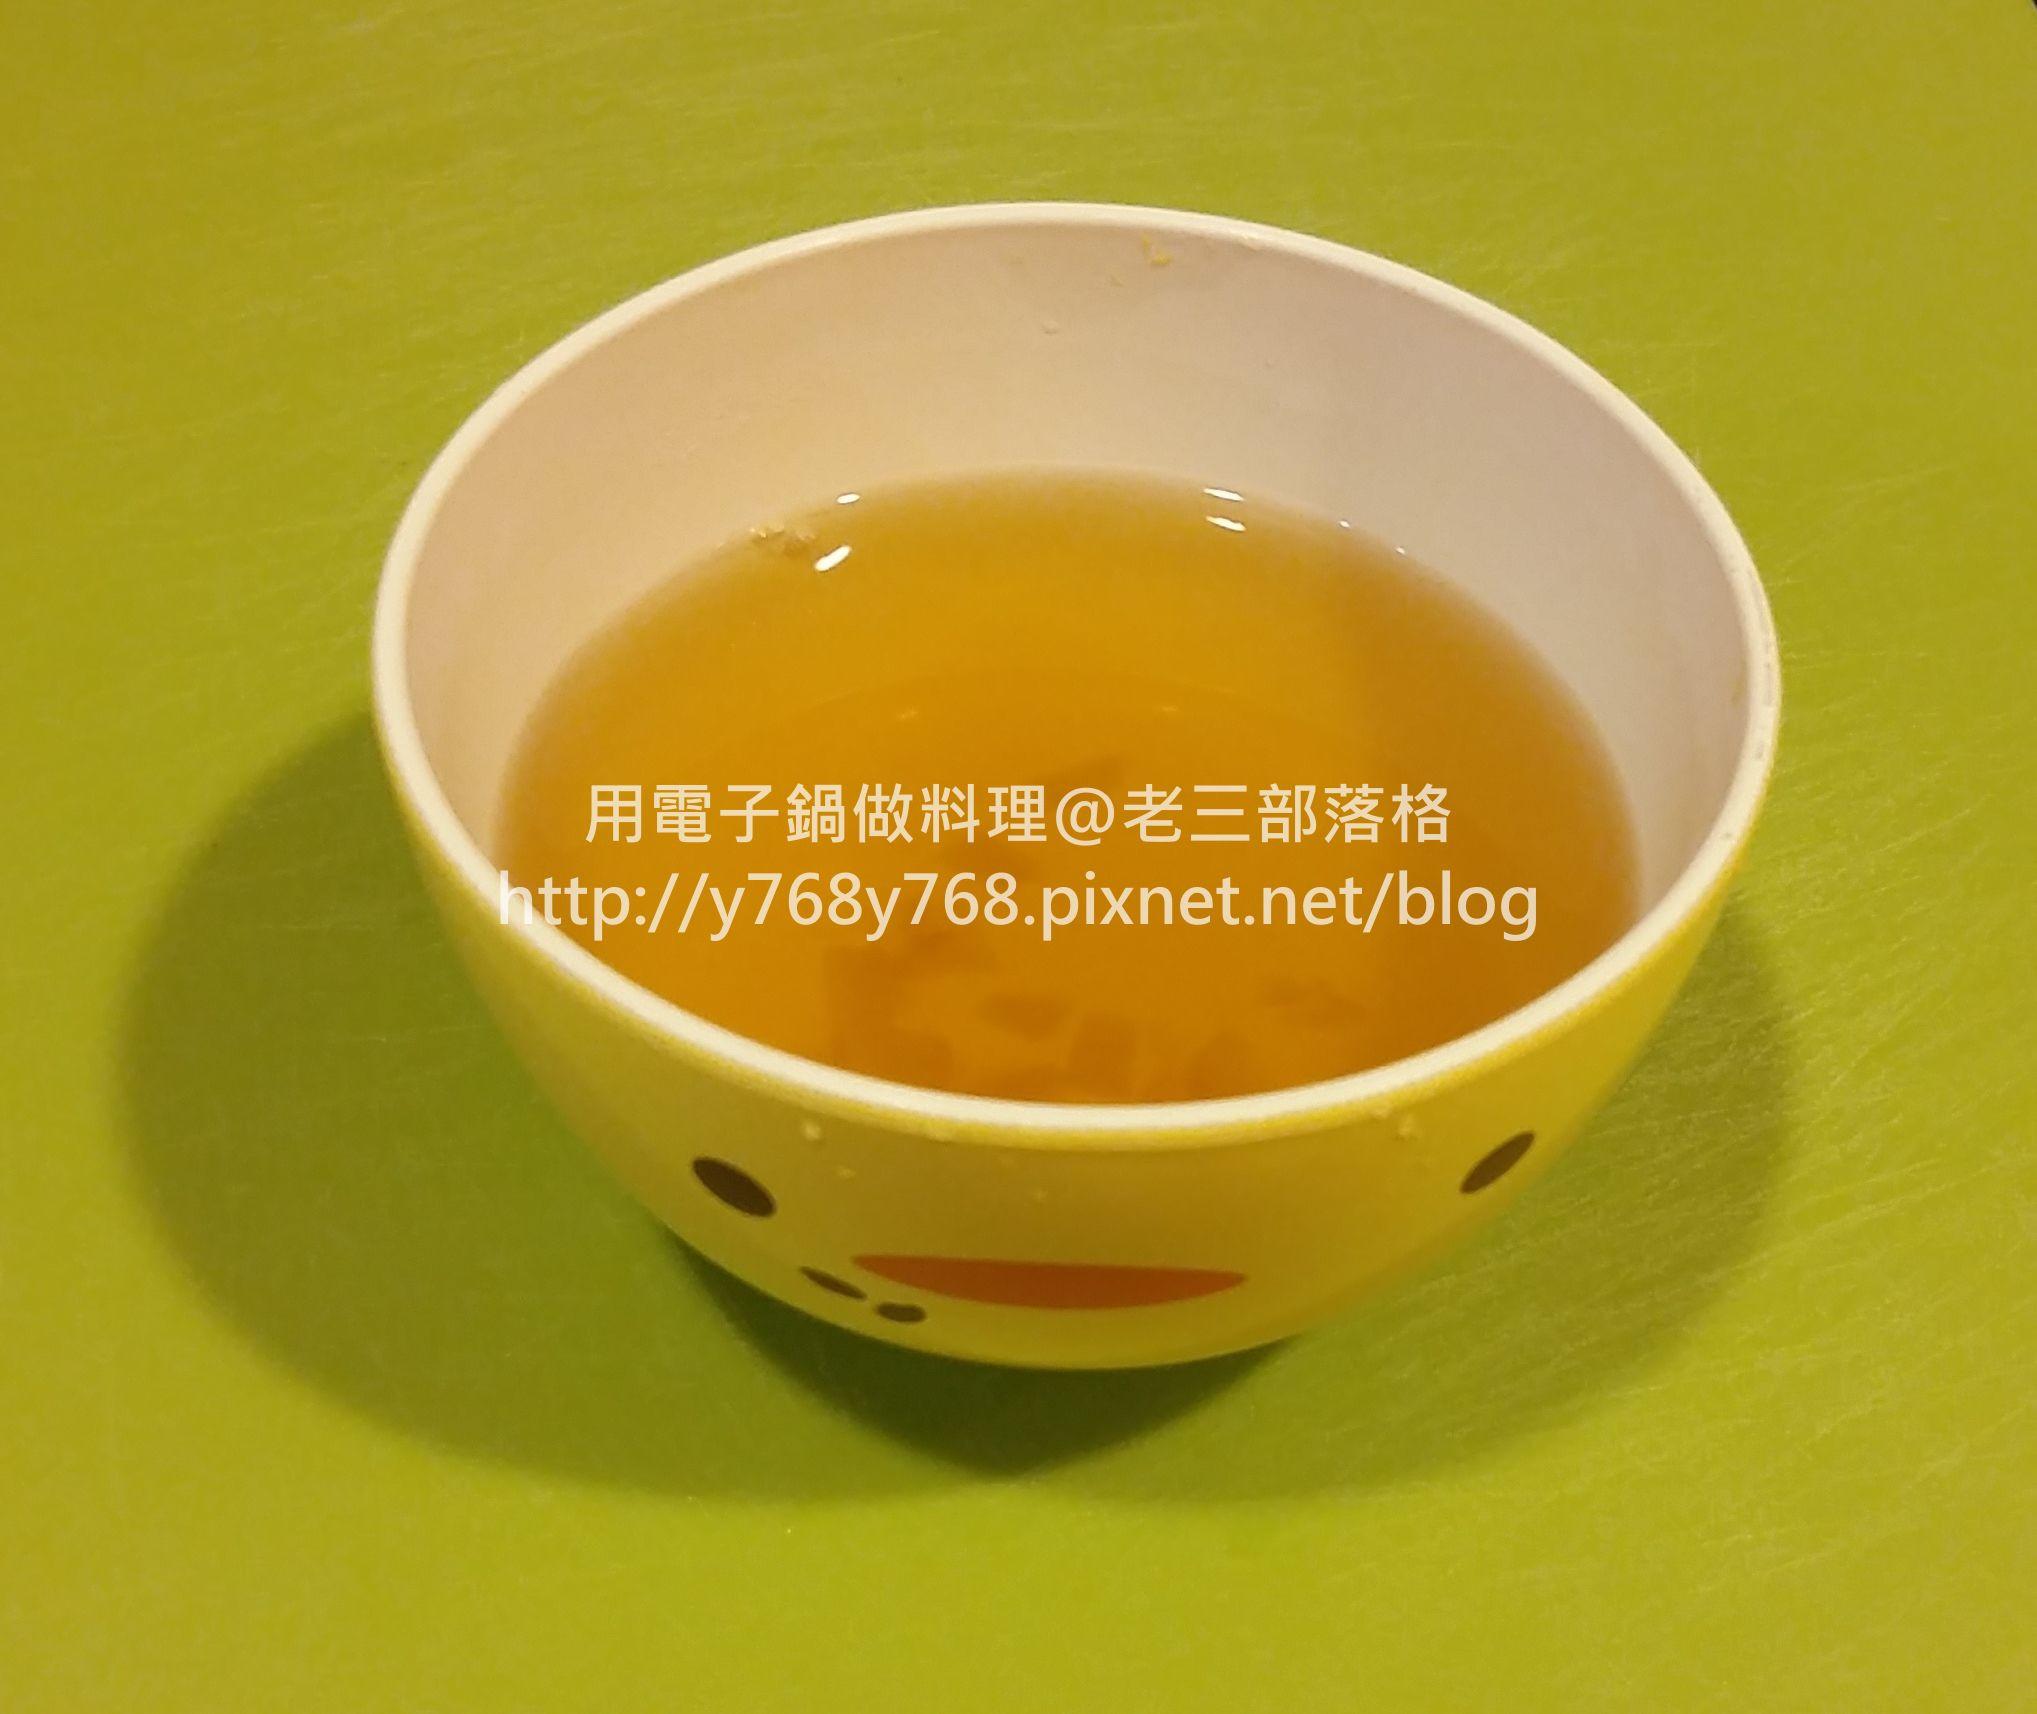 滴洋蔥精@老三用電子鍋做料理